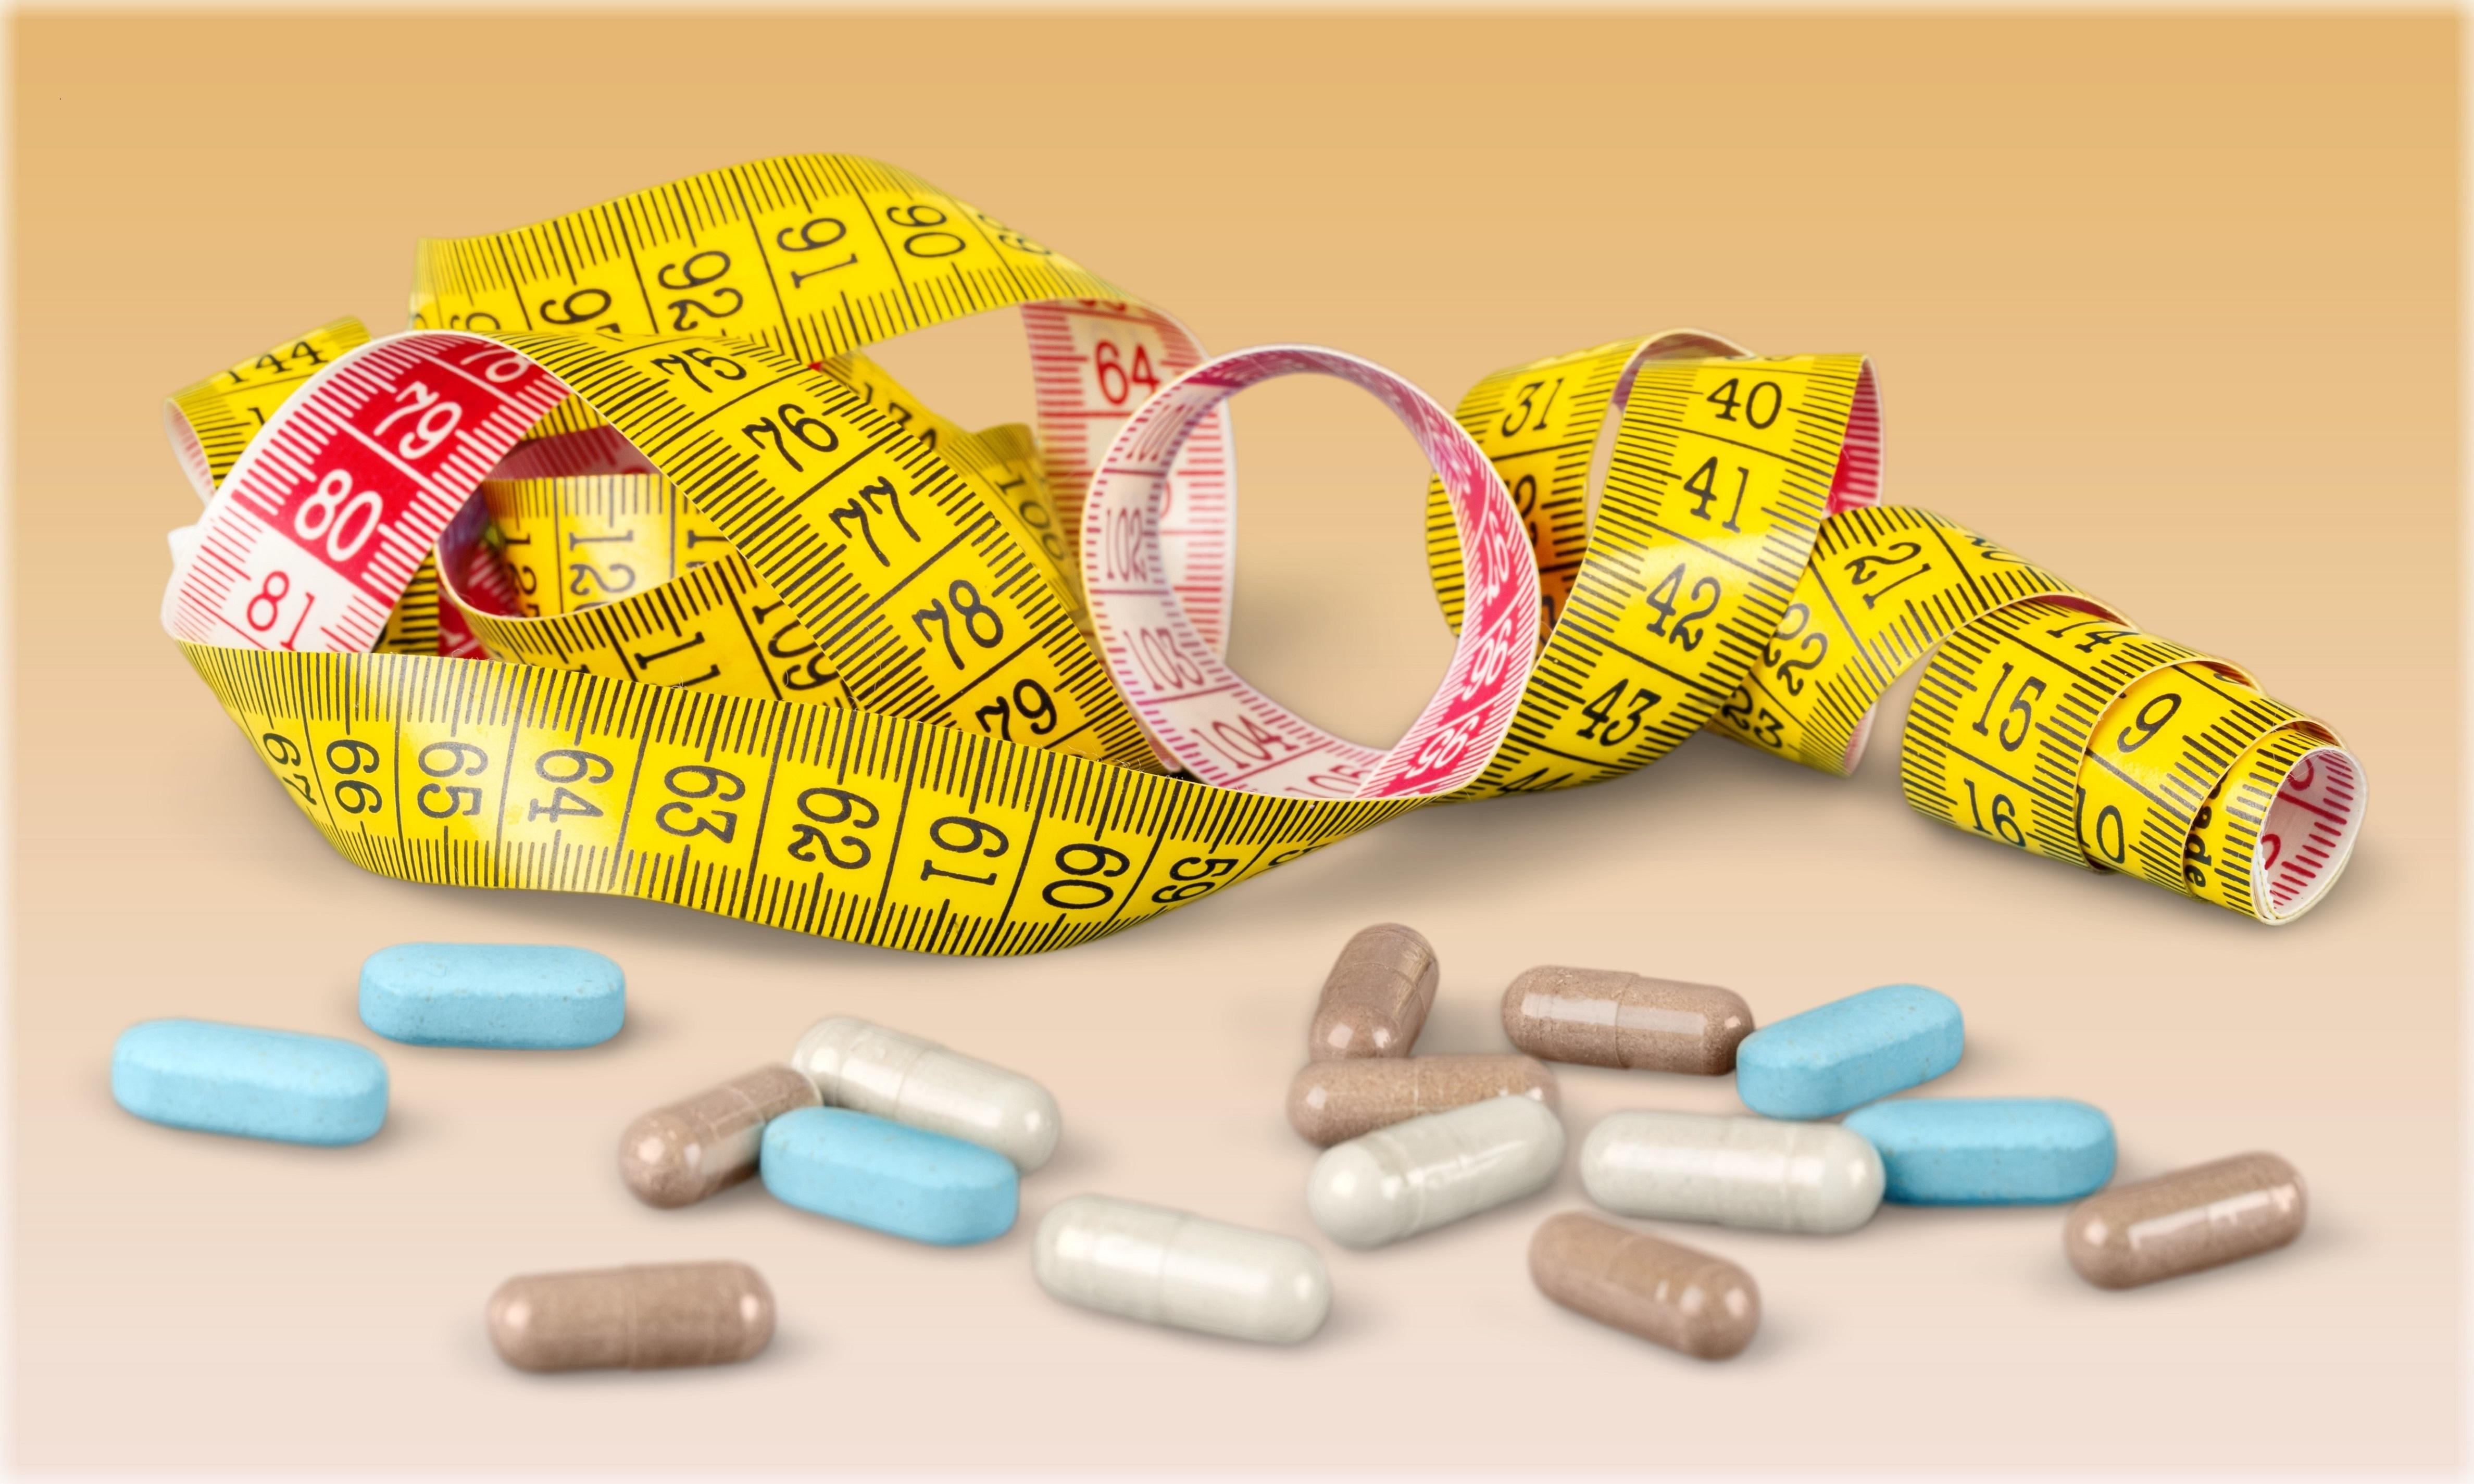 Welche Substanzen enthalten die Diätpillen?